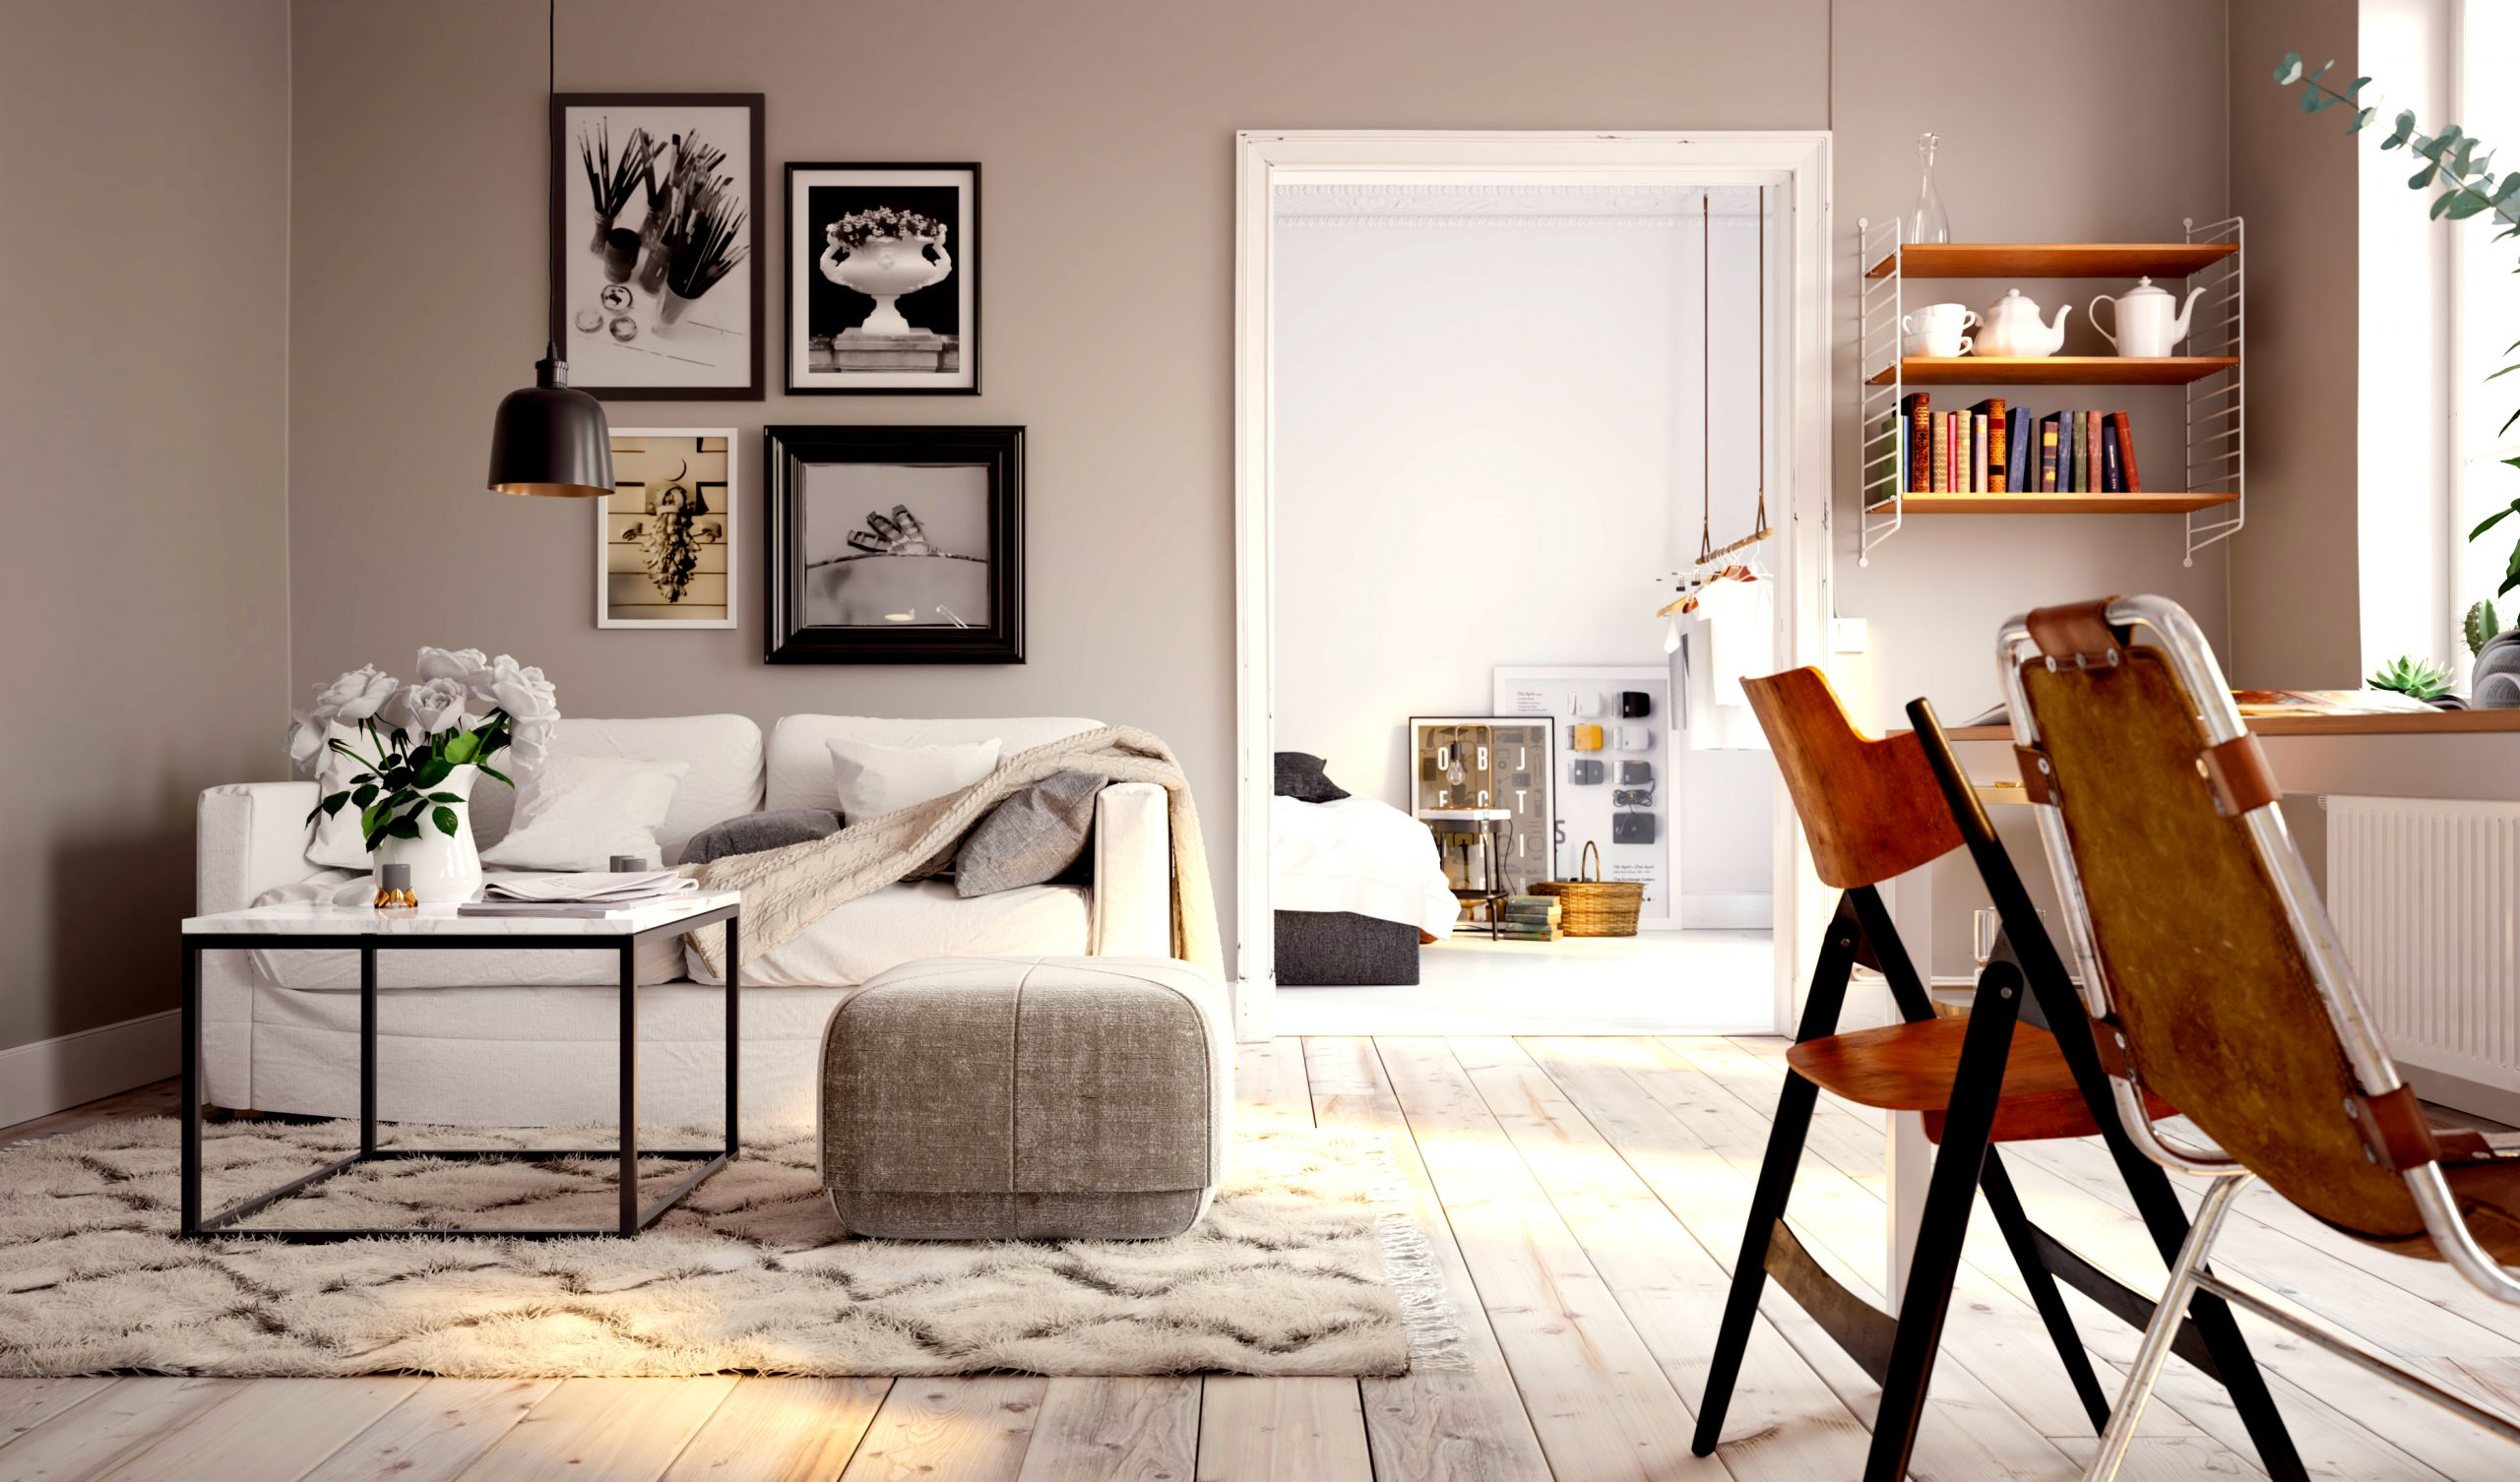 Rental Furniture Denver Colorado example setup